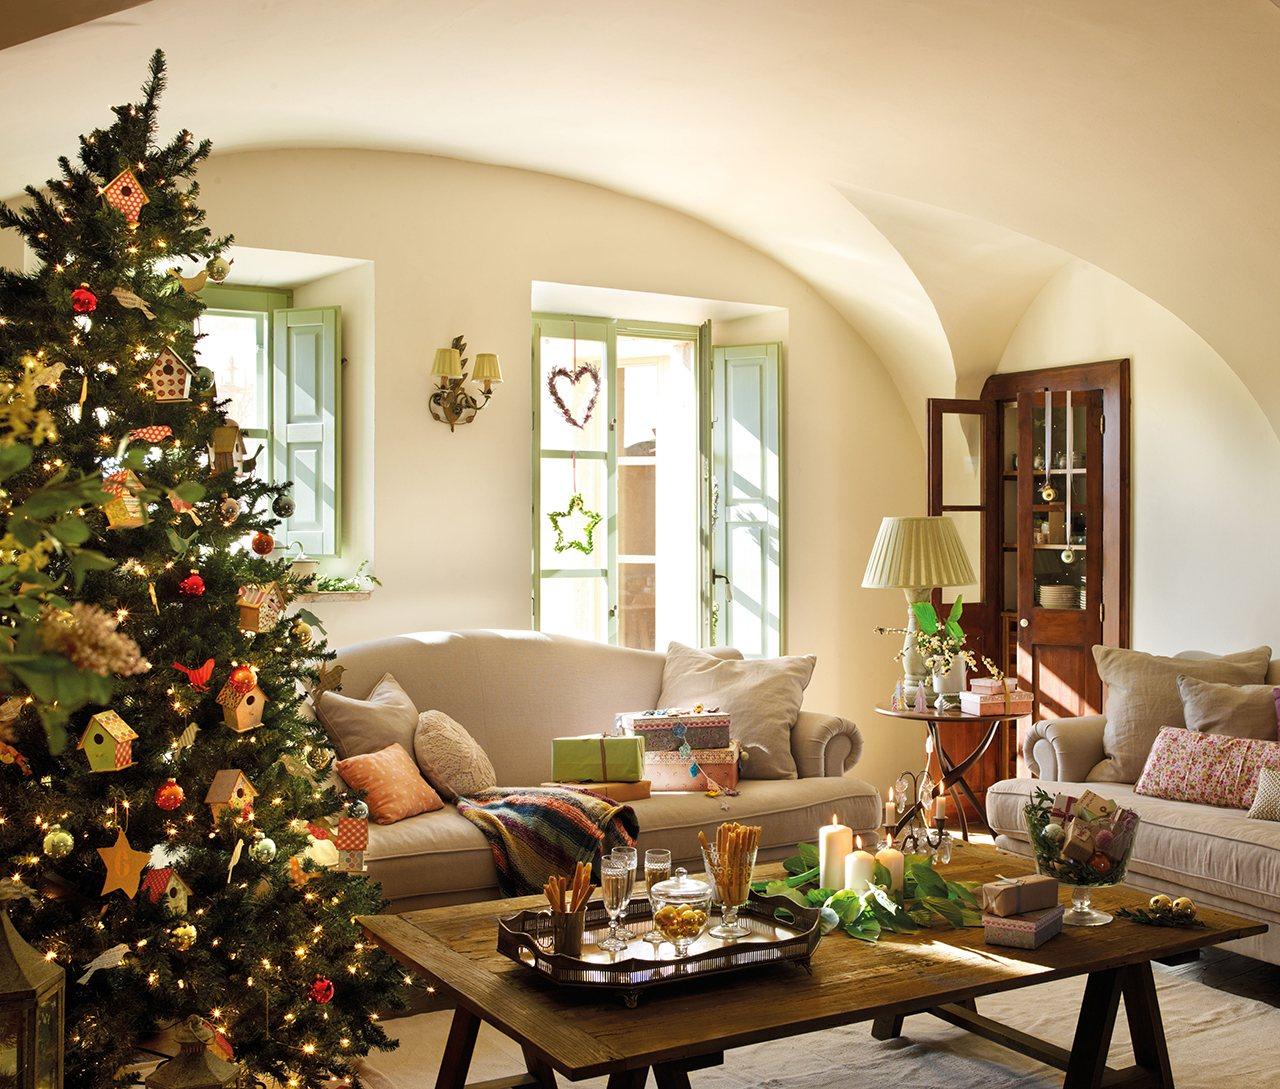 Consejos para decorar en navidad decorar la mesa en navidad - Decoracion navidena de casas ...